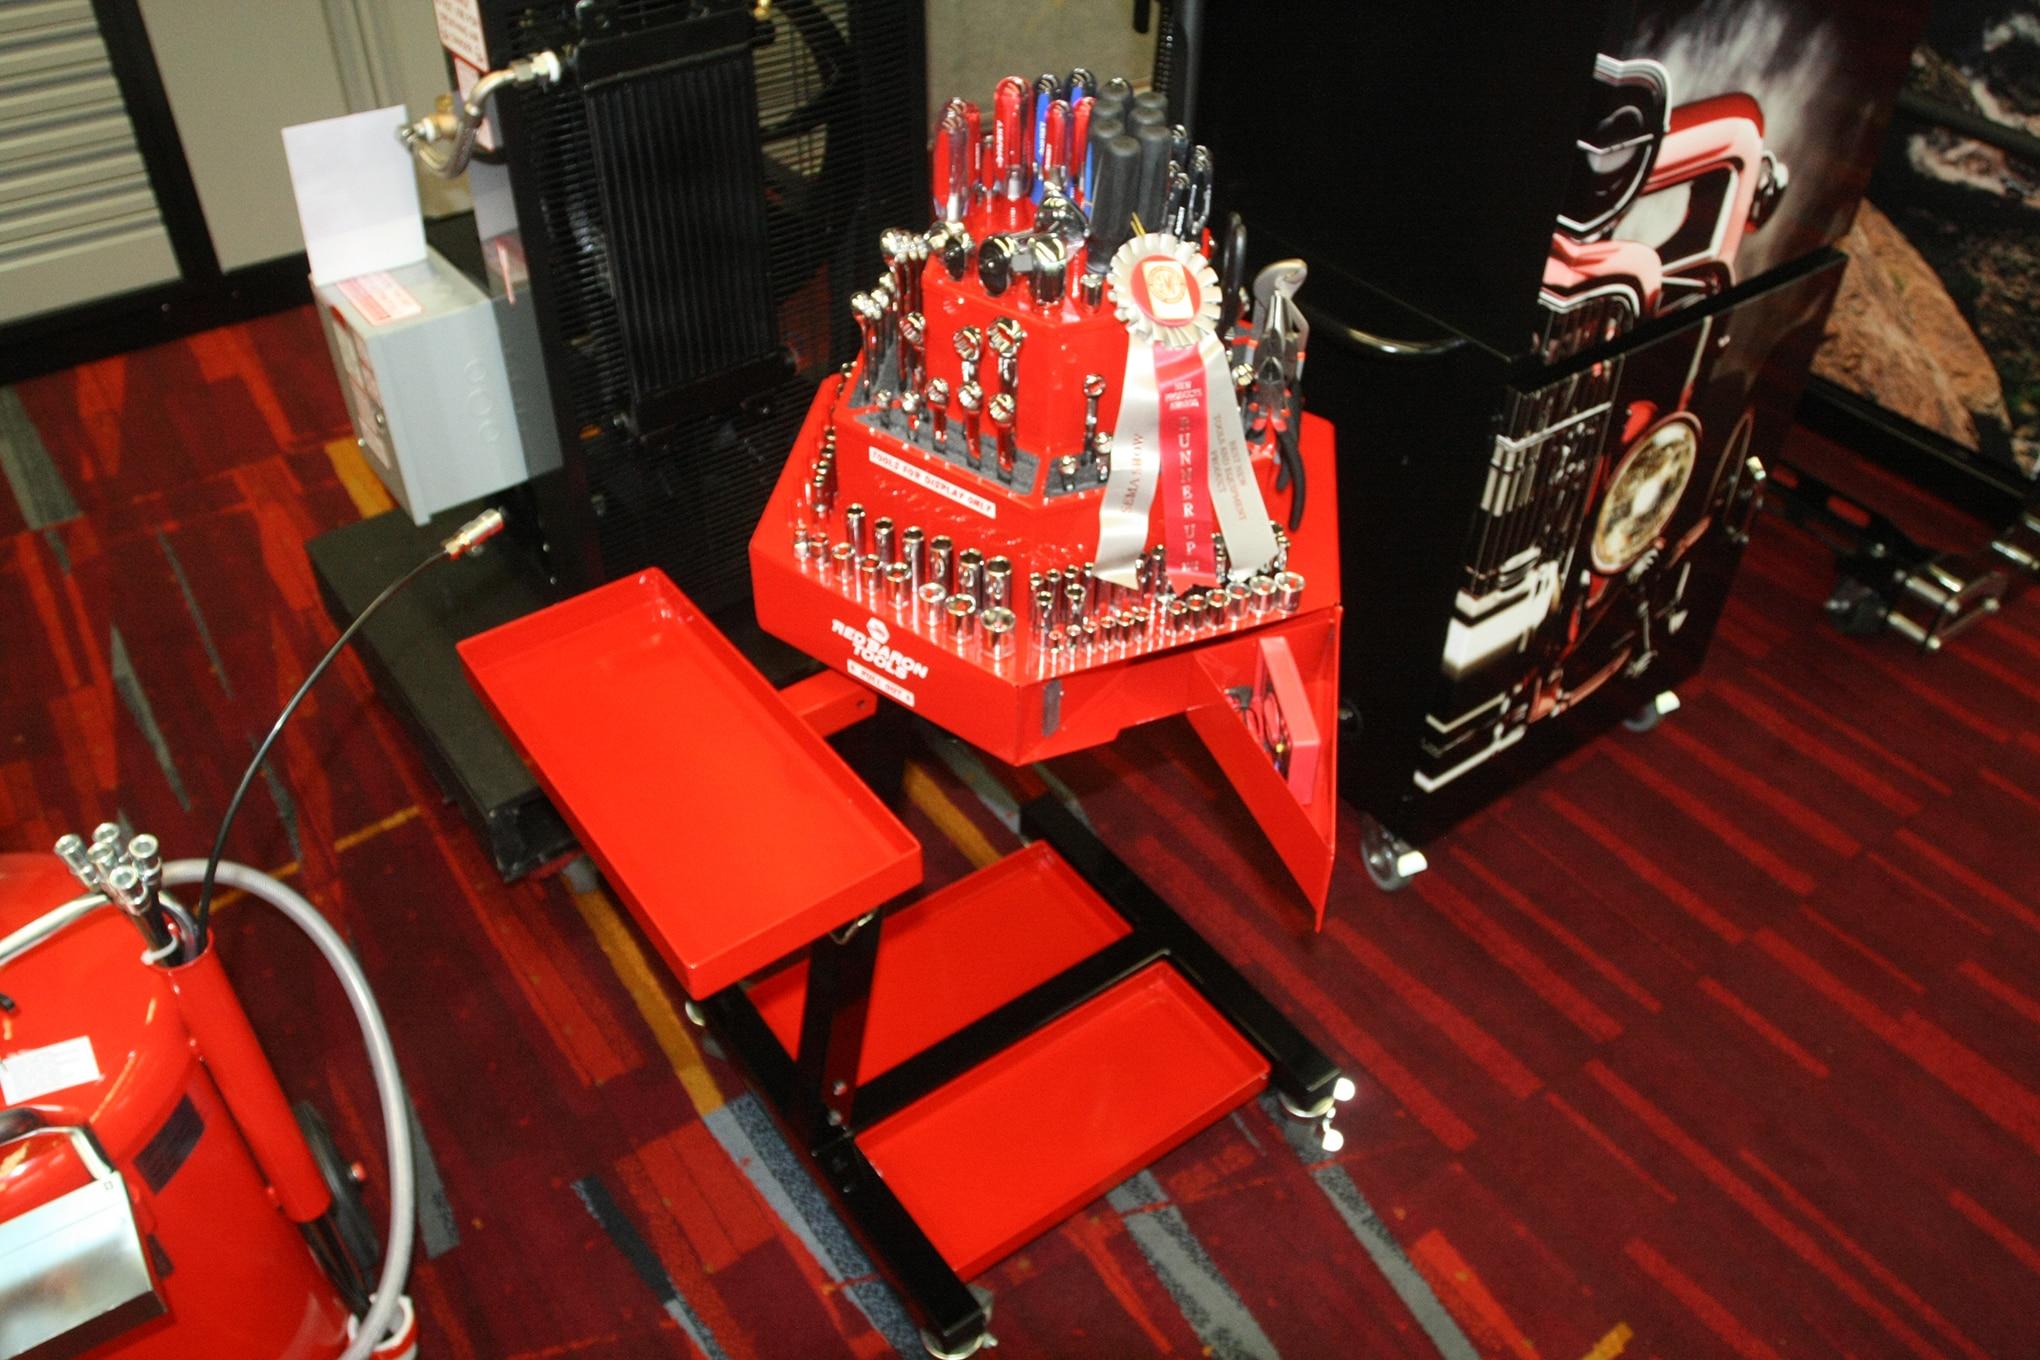 019 sema sidebar redbaron tool organizer